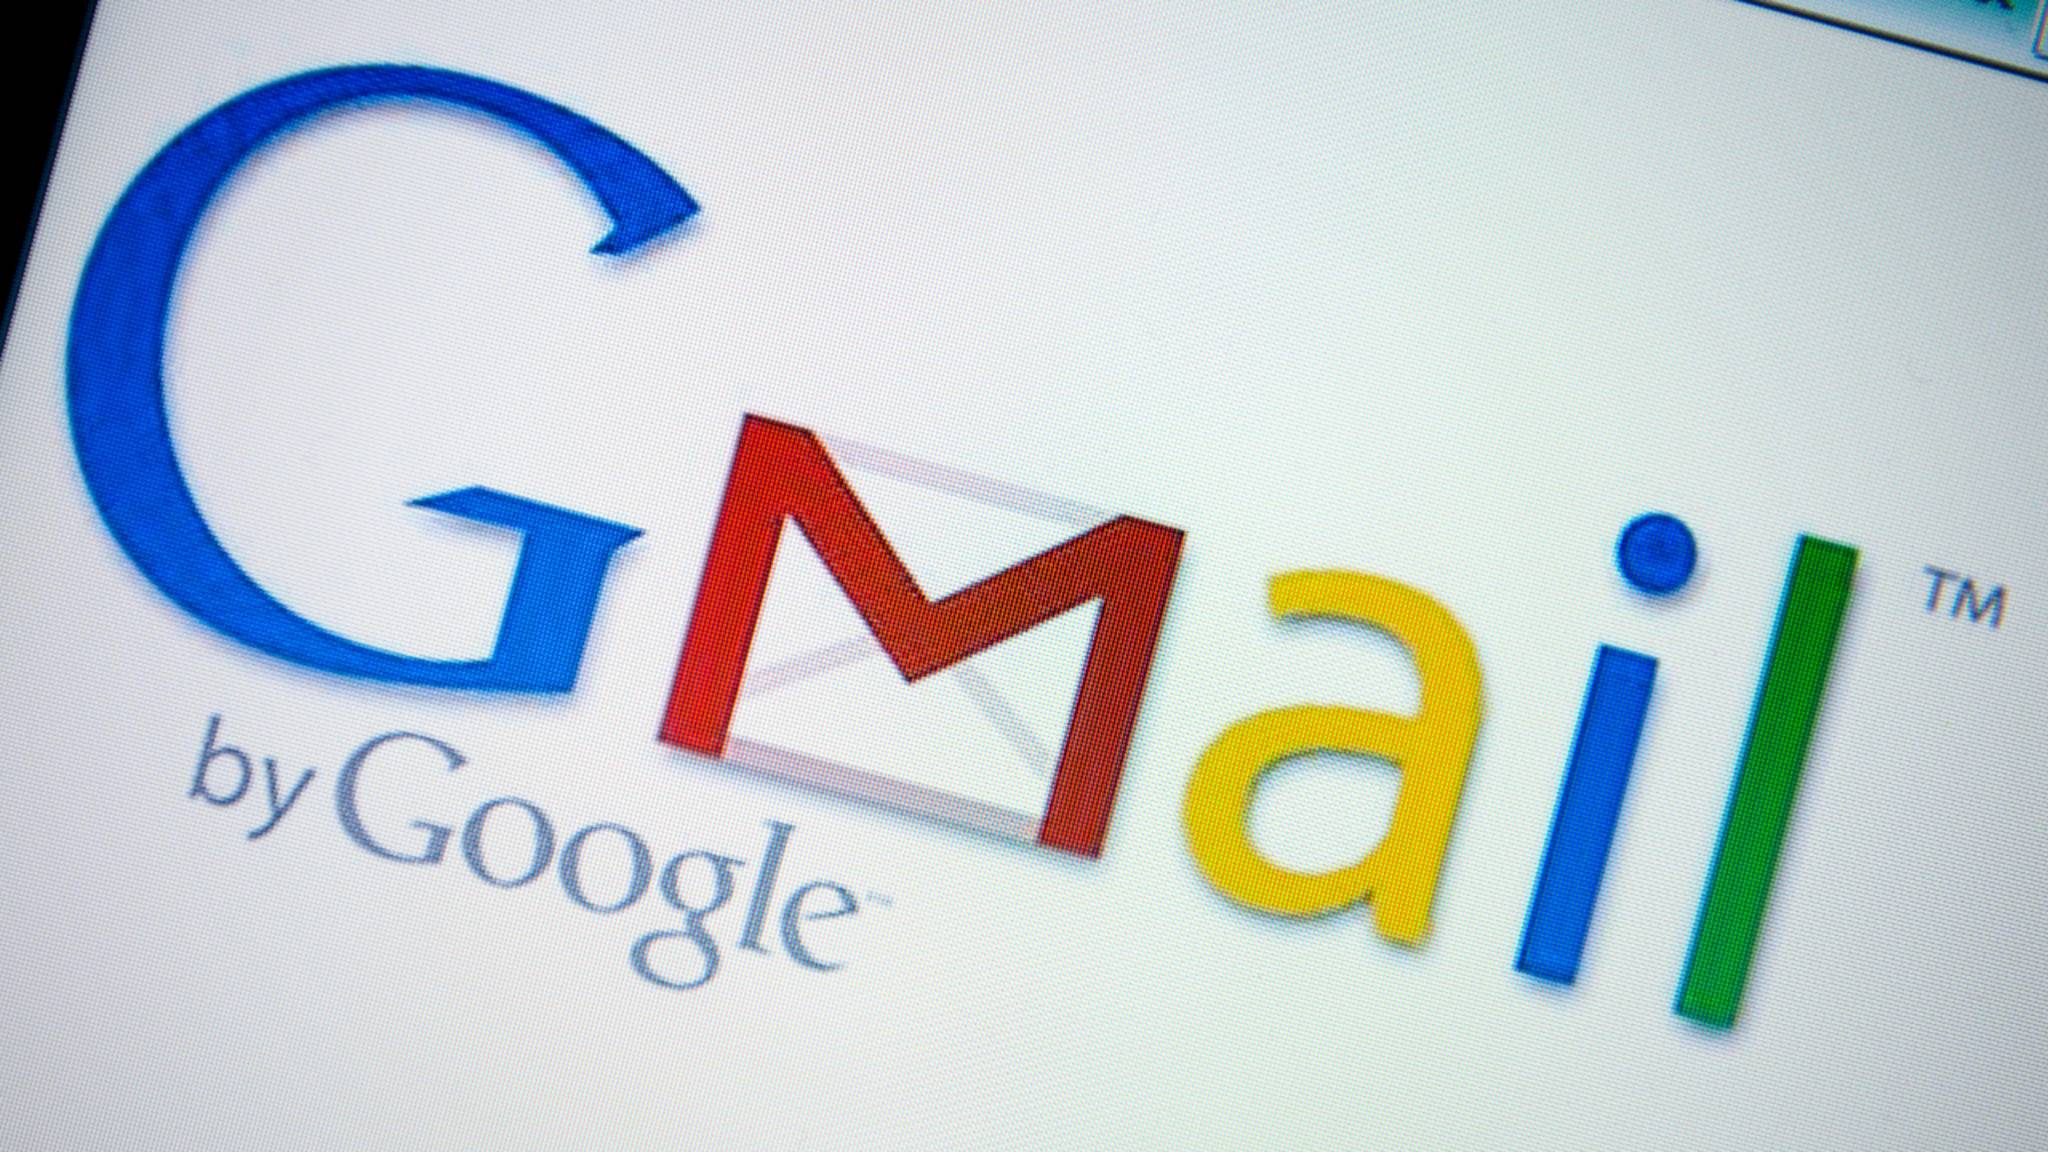 Wir helfen bei Problemen mit der Anmeldung in Gmail.